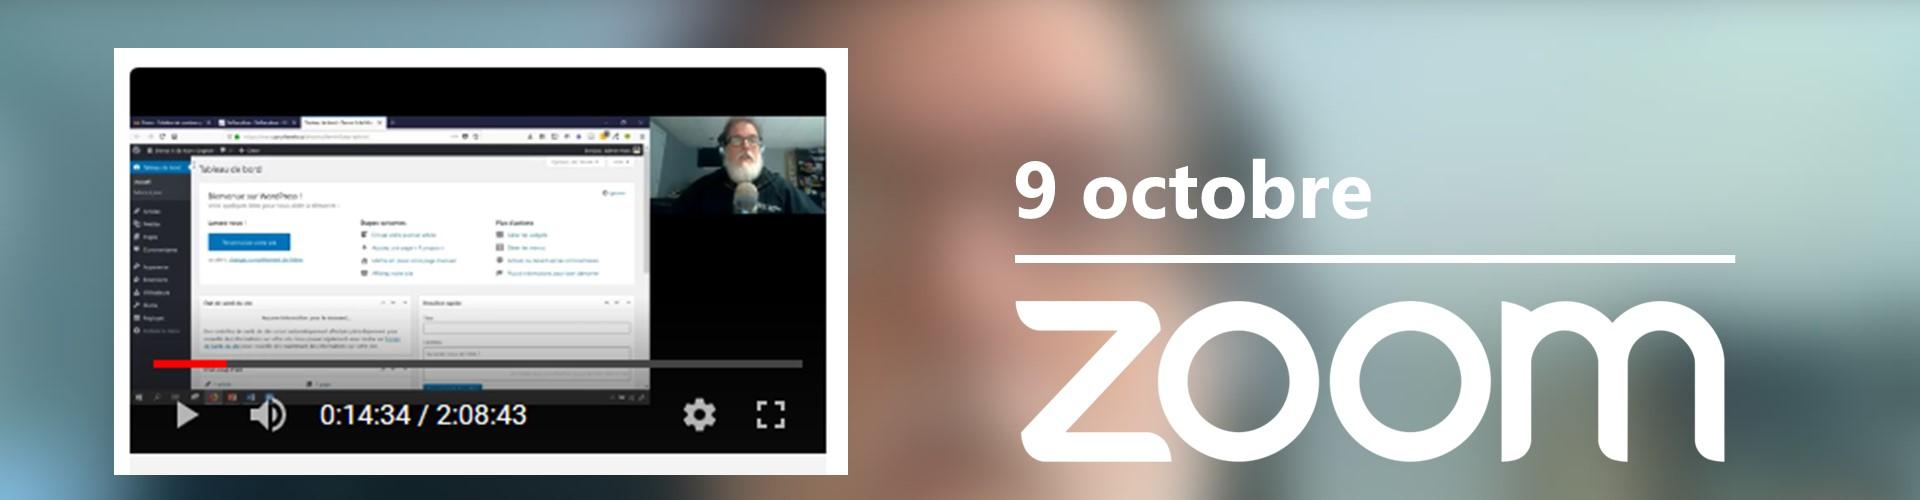 Rencontre du 9 octobre sur Zoom